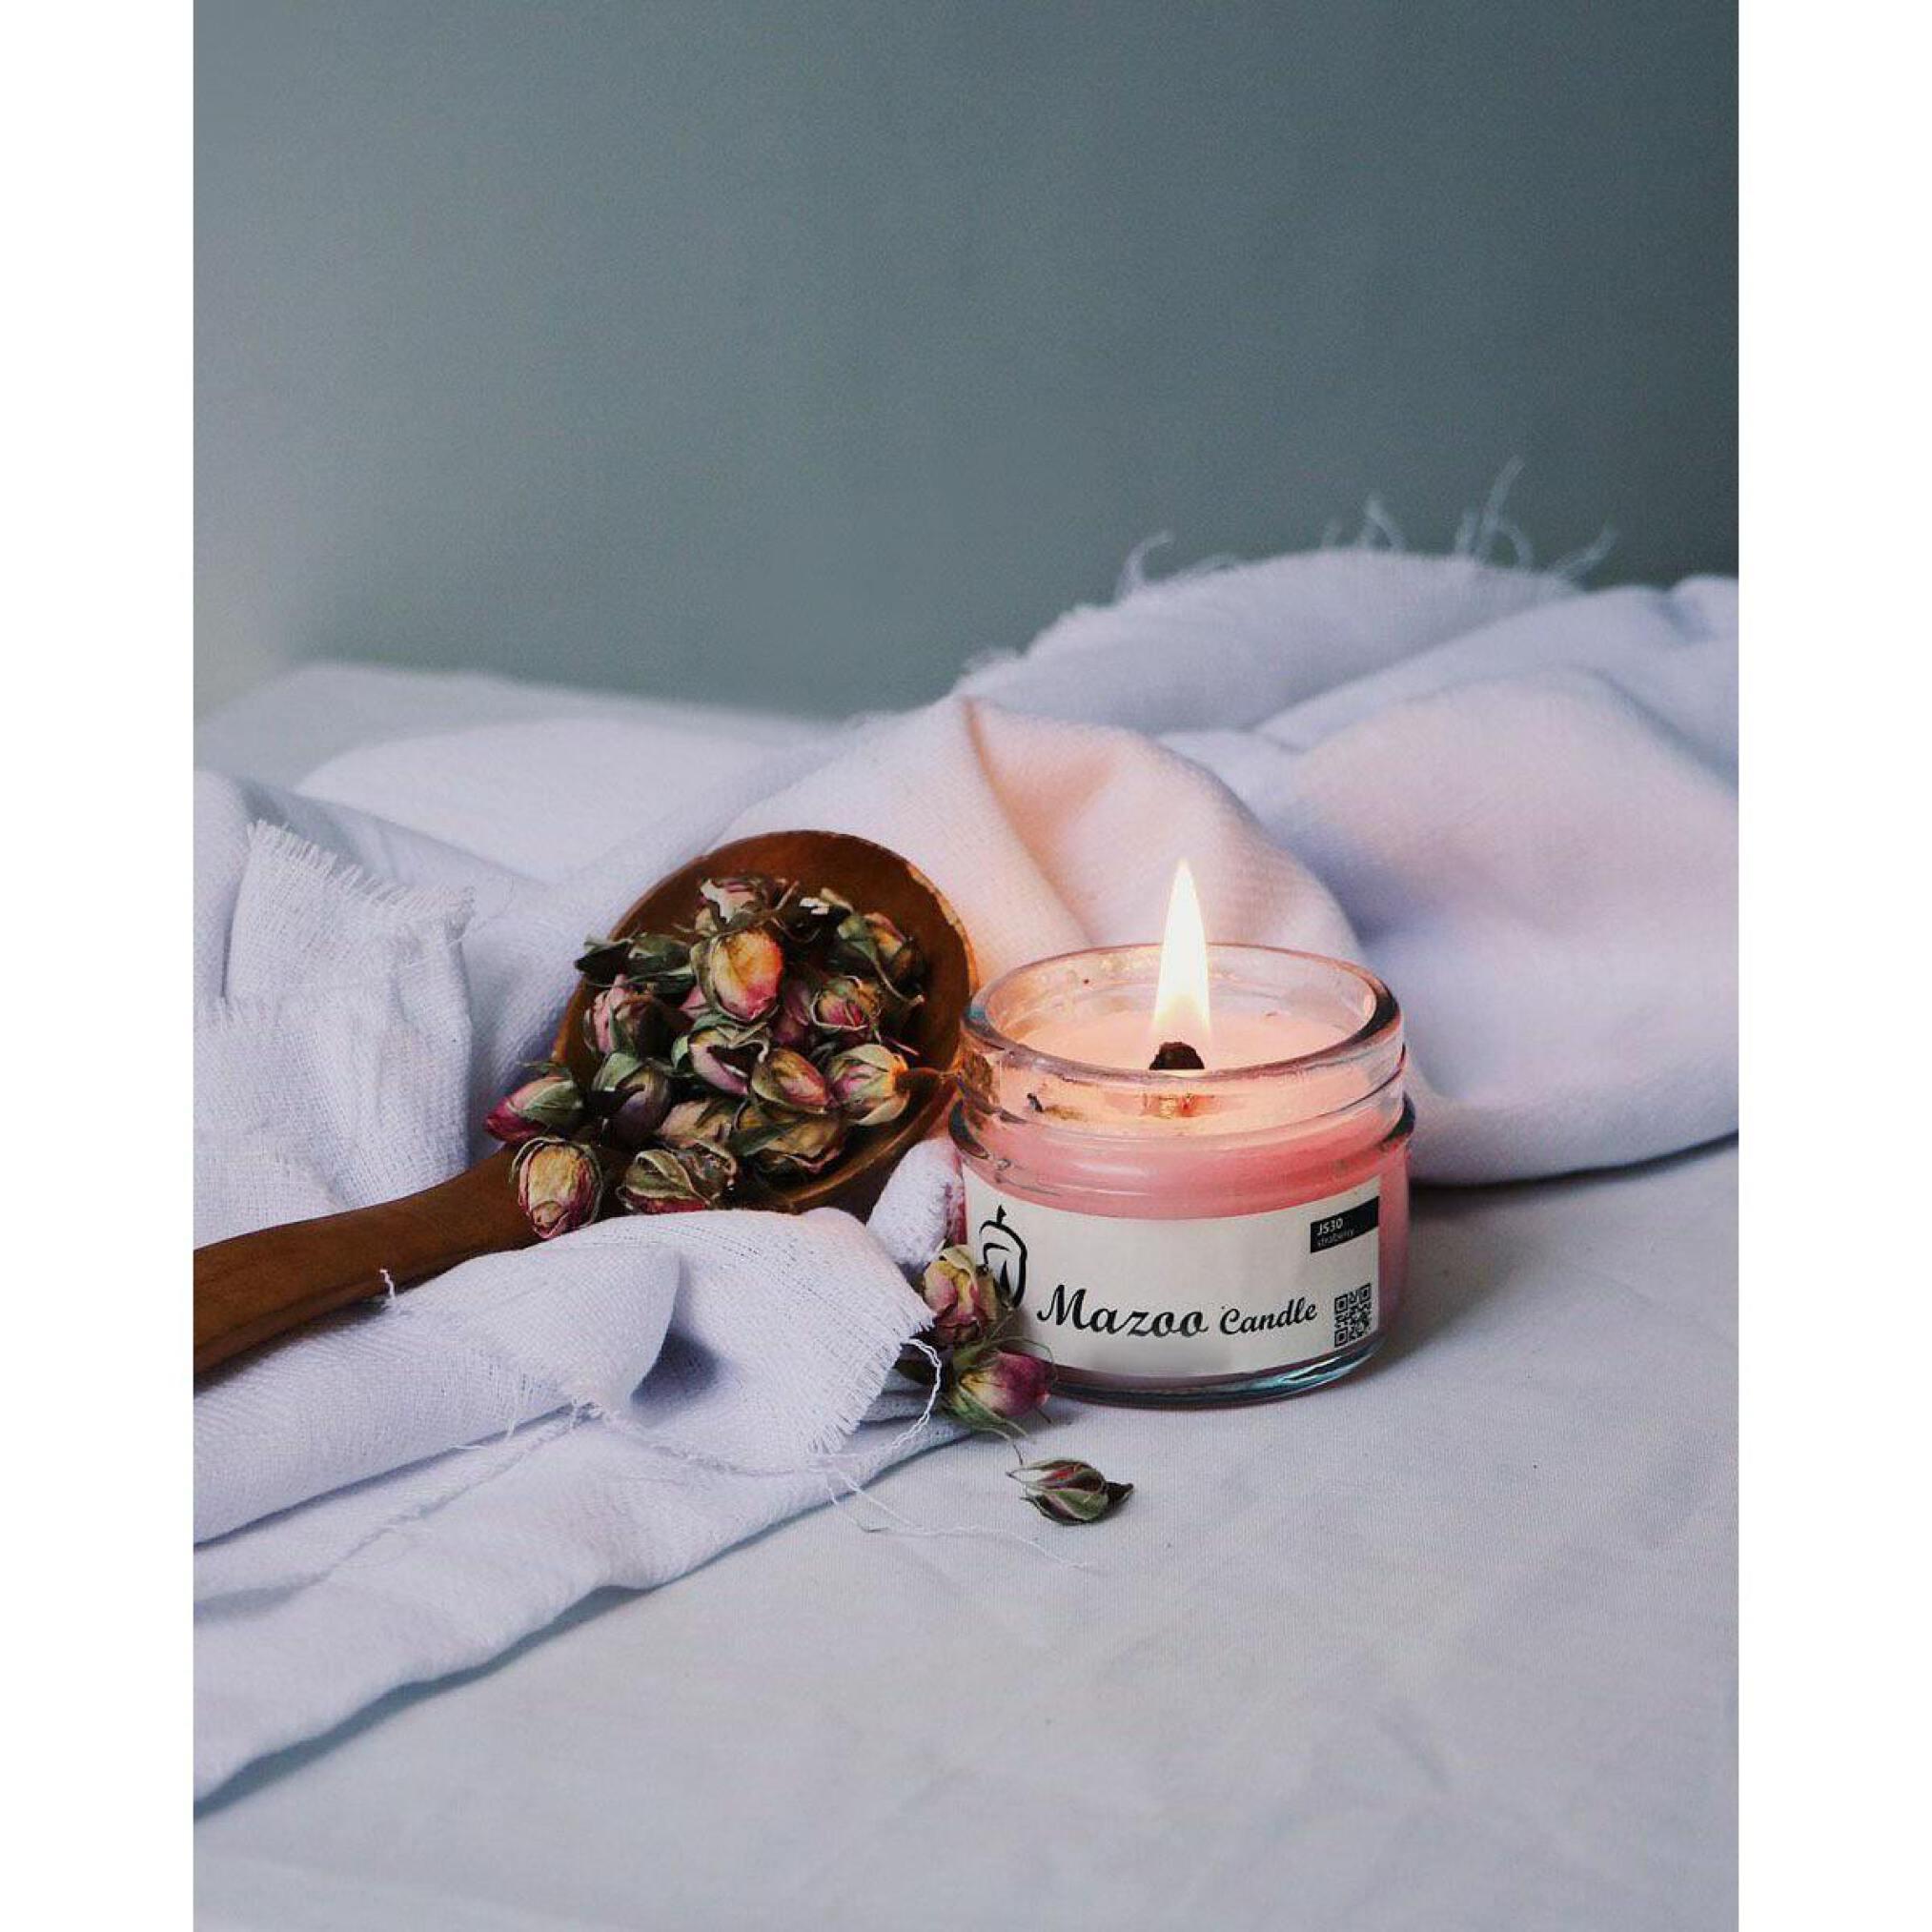 خرید شمع معطر با فیتیله چوبی و رنگ ها و رایحه های مختلف، شمع با کیفیت، شمع دکوری